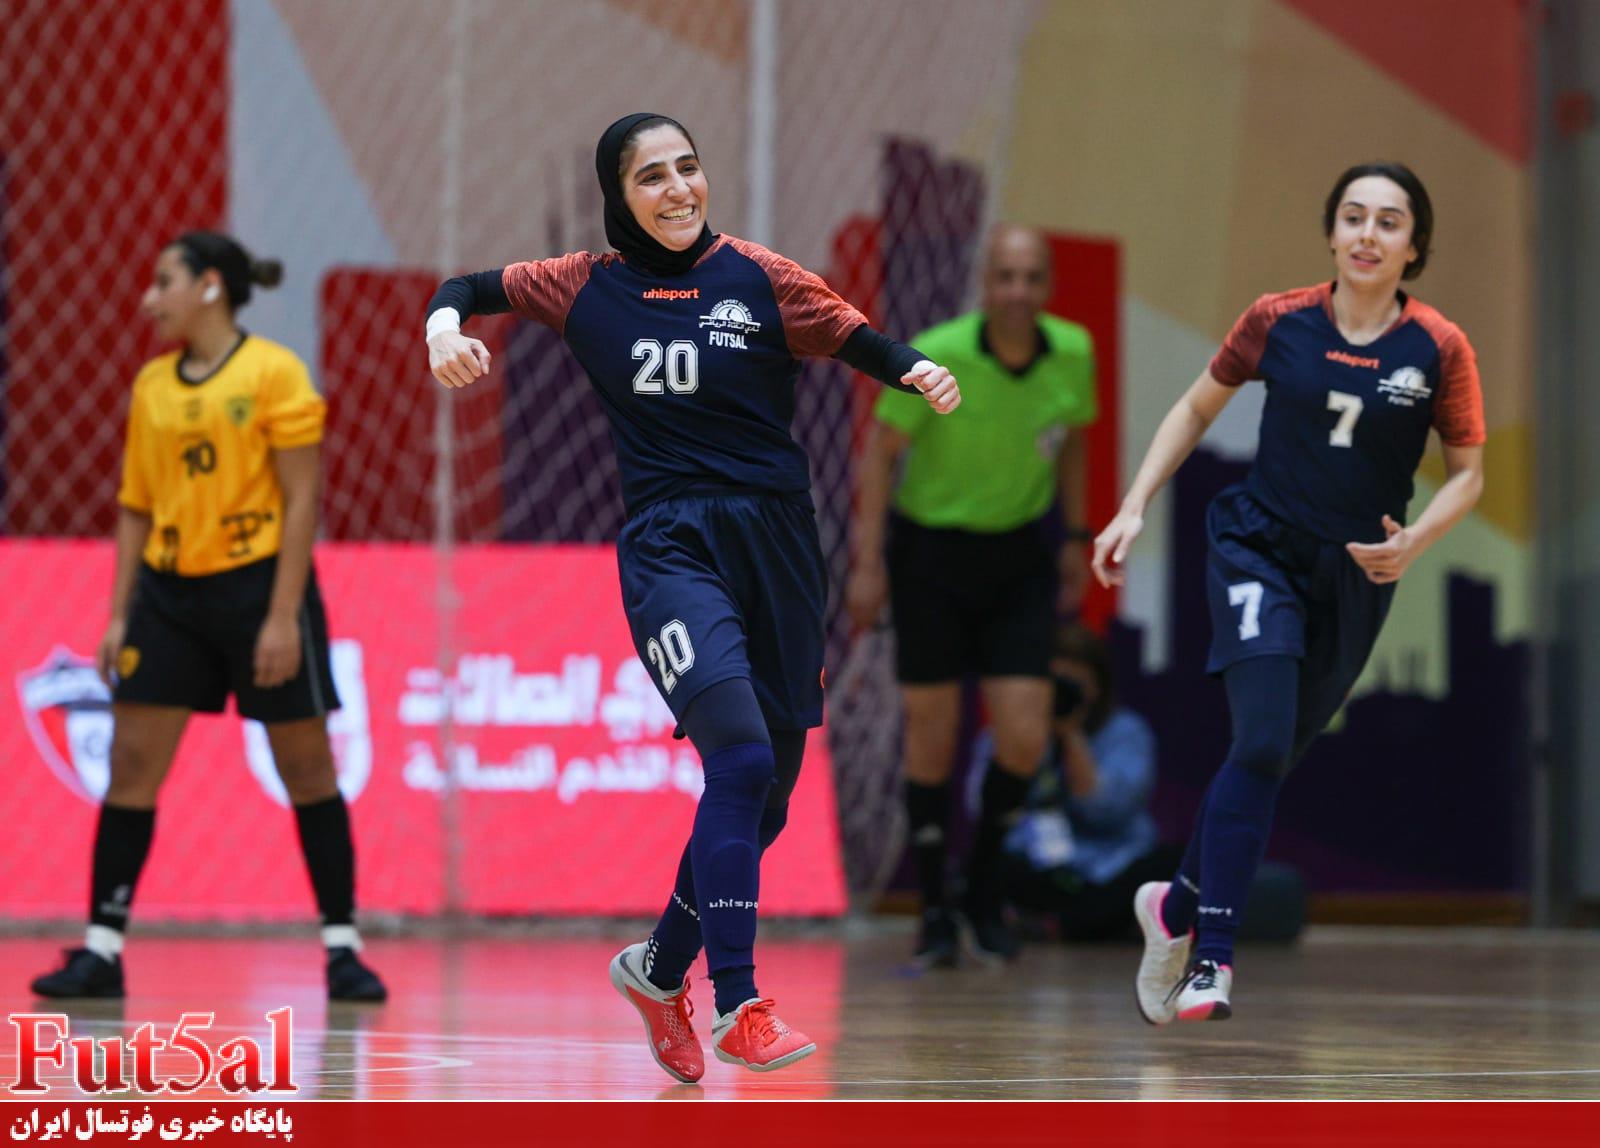 حقمان صعود به فینال کویت بود/ الکویت دو بازیکن اوکراینی دارد اما من هم ایرانیام/ در فینال از اعتبار فوتسال بانوان ایران دفاع میکنم